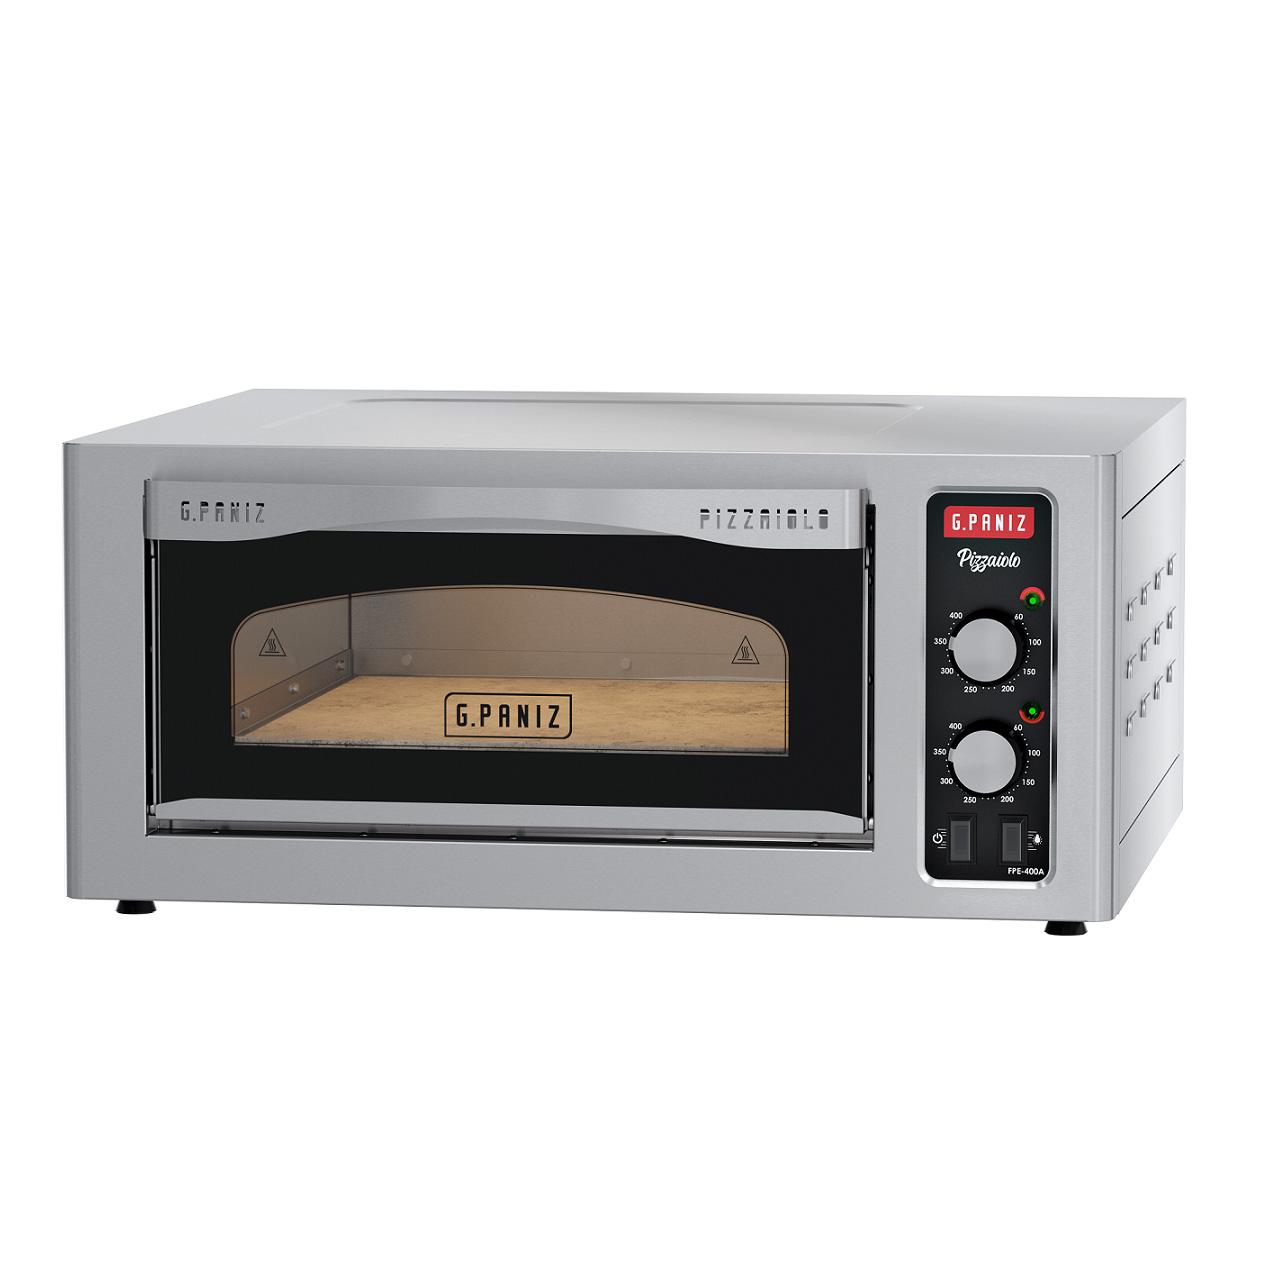 Forno Elétrico Lastro Para Pizza de Bancada G. Paniz FPE-400A - 220V